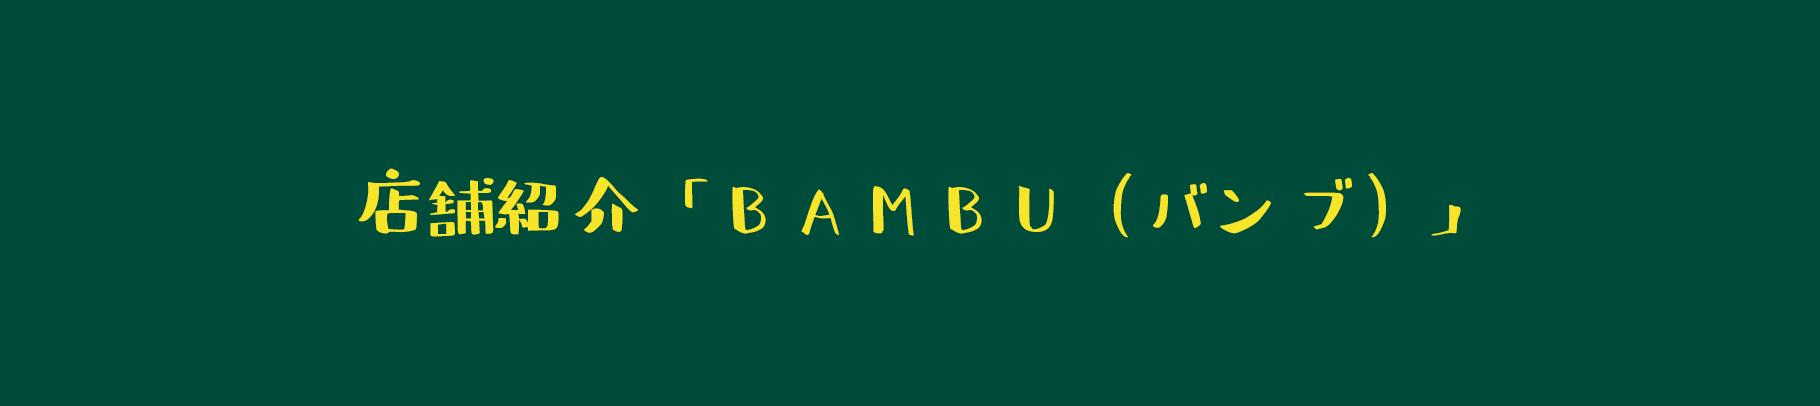 店舗紹介「BAMBU(バンブ)」